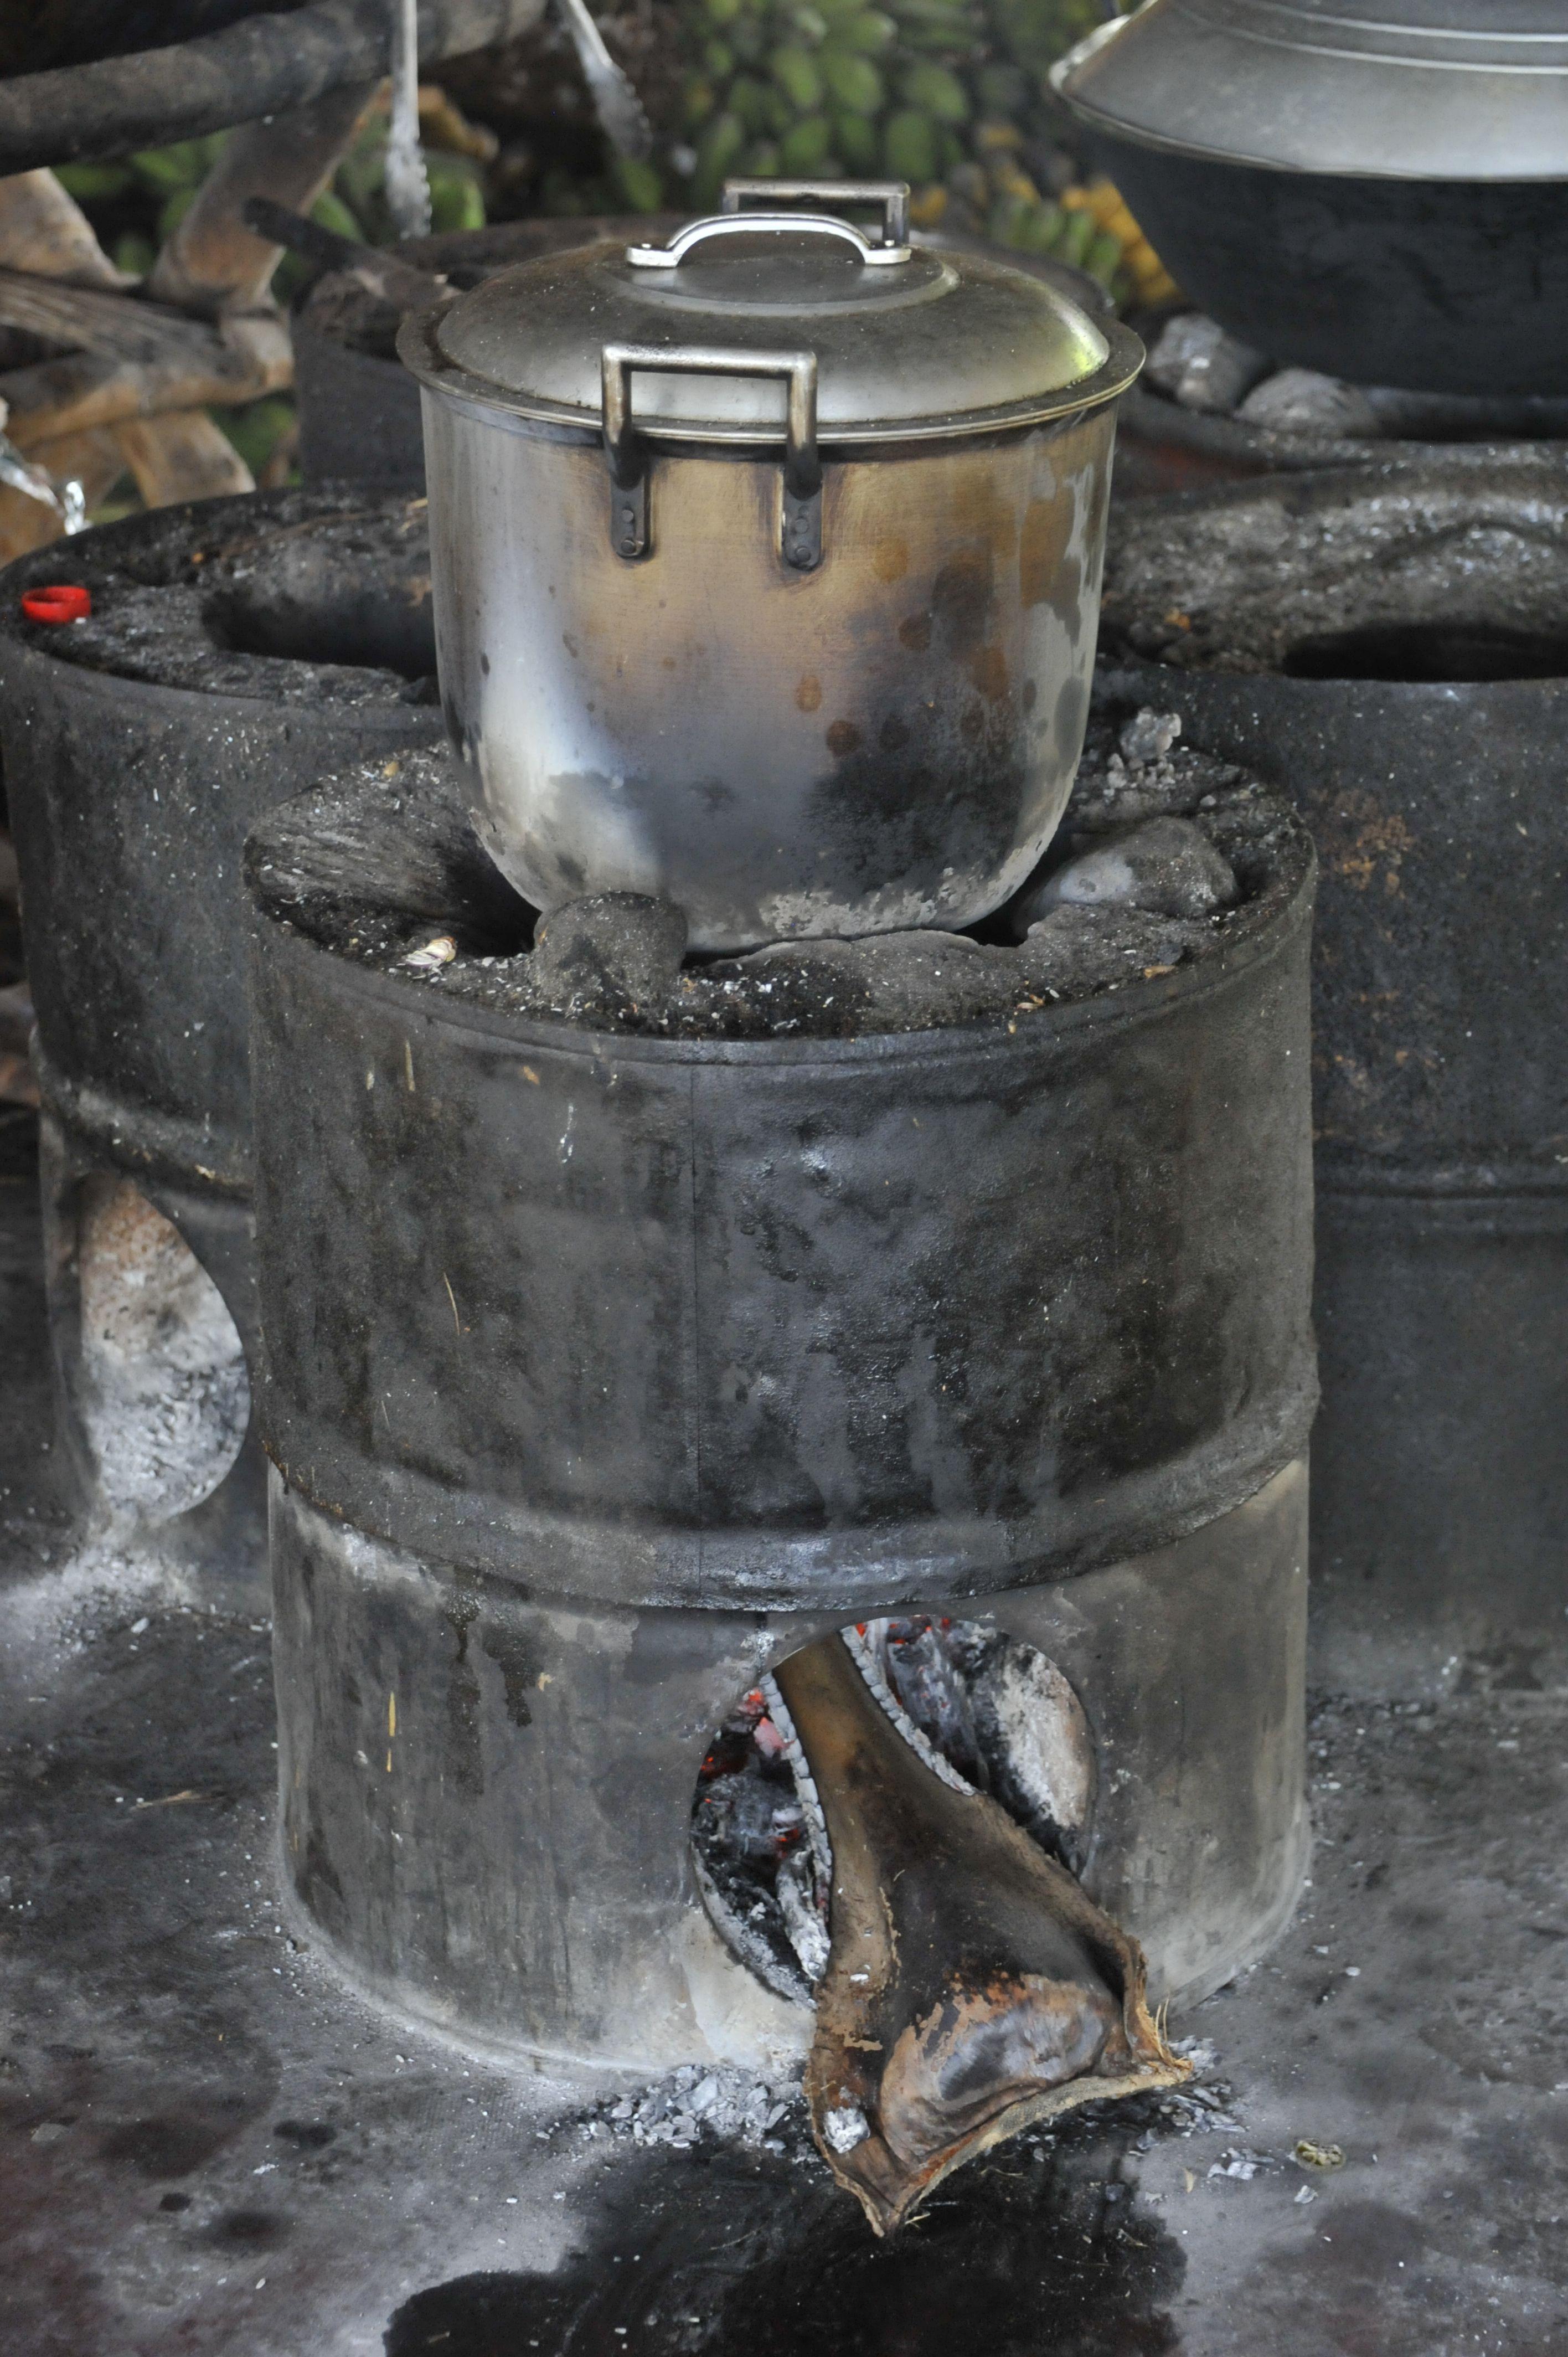 Le rocket stove de la Tao farm